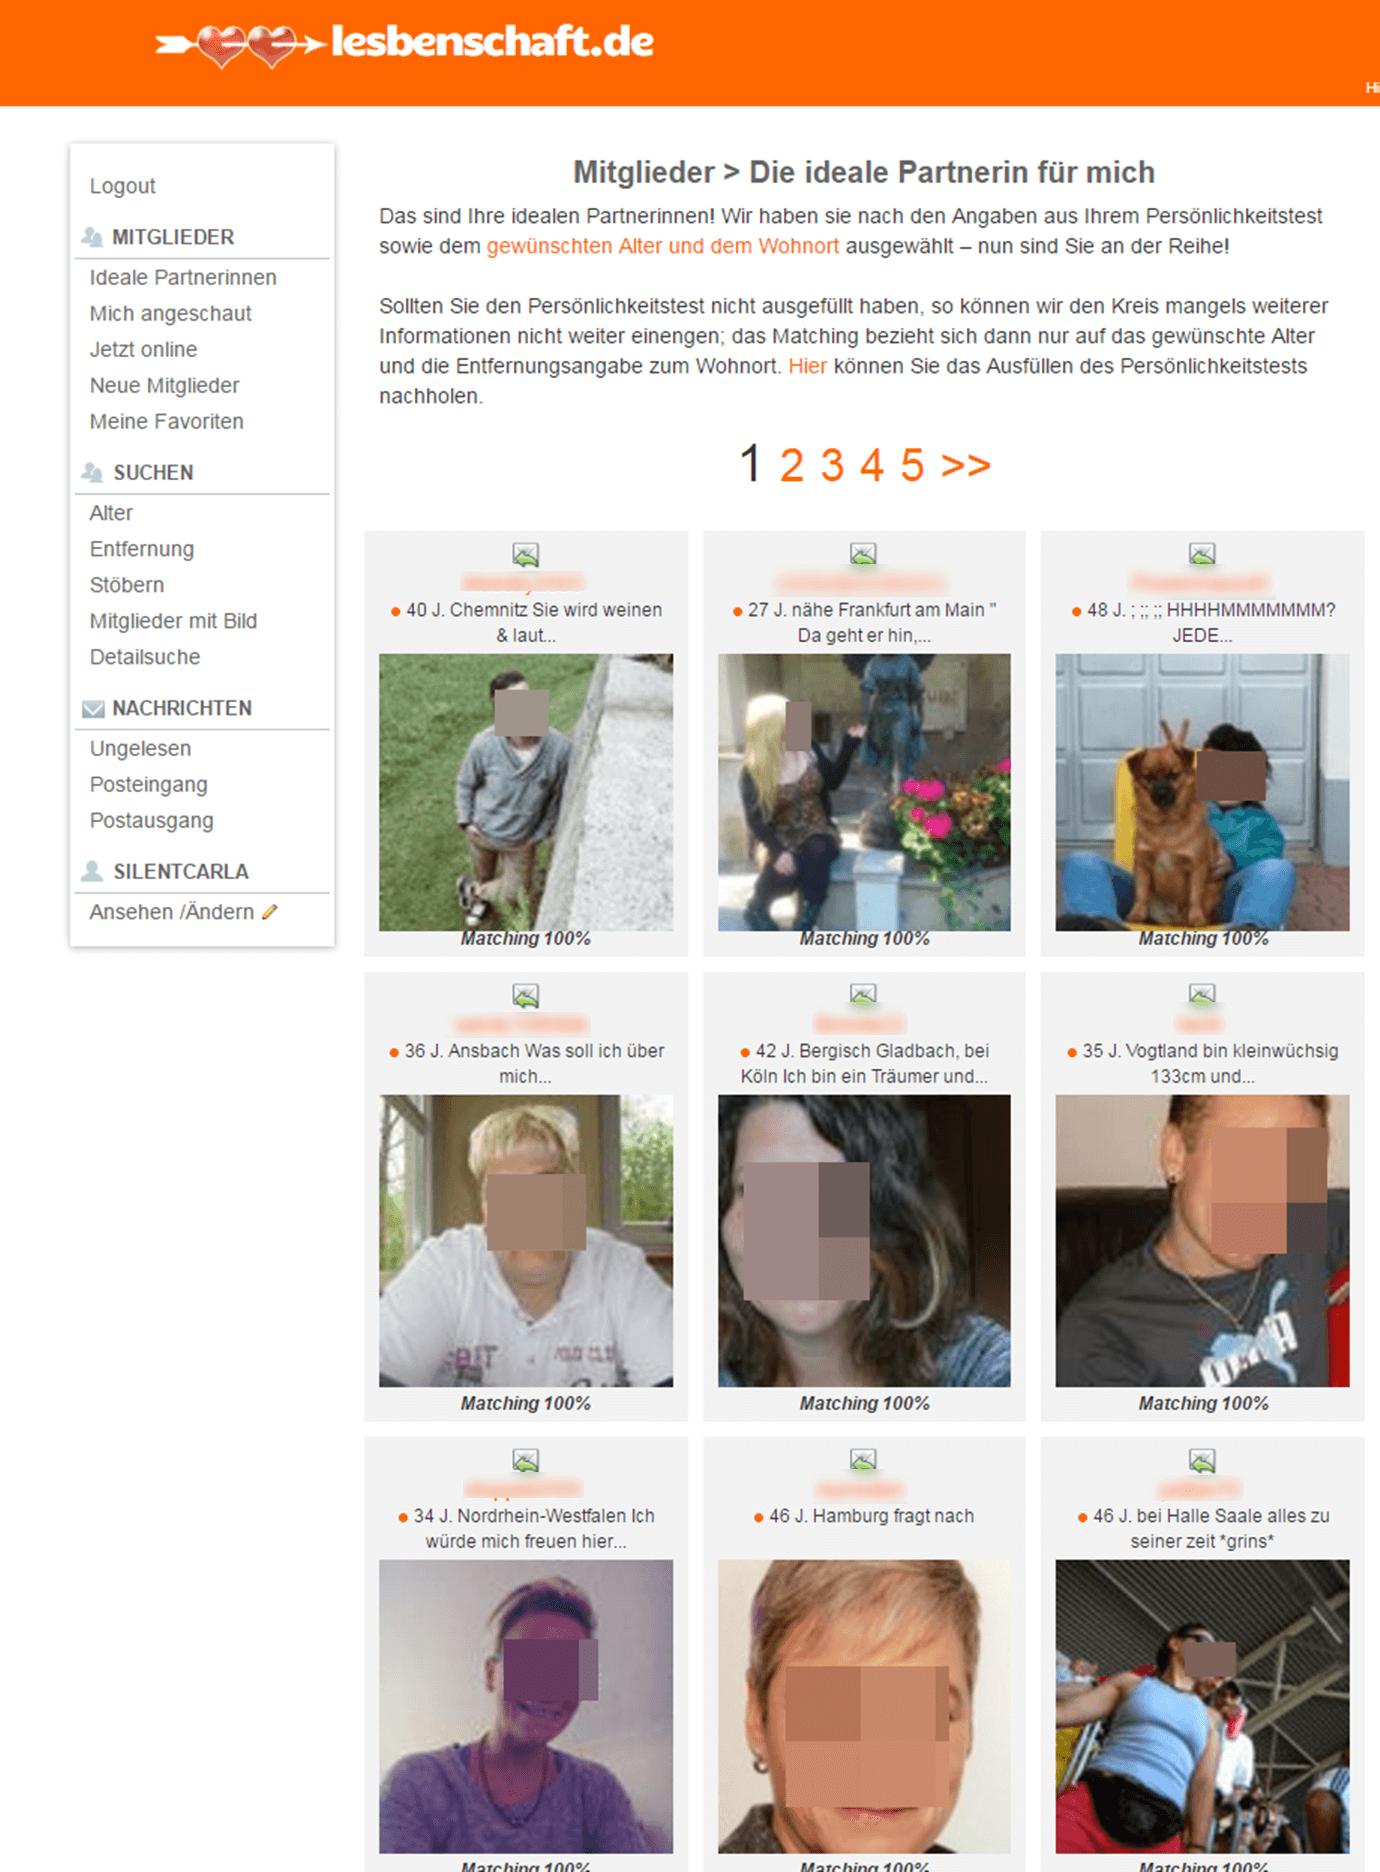 Lesbenschaft.de Partnervorschläge